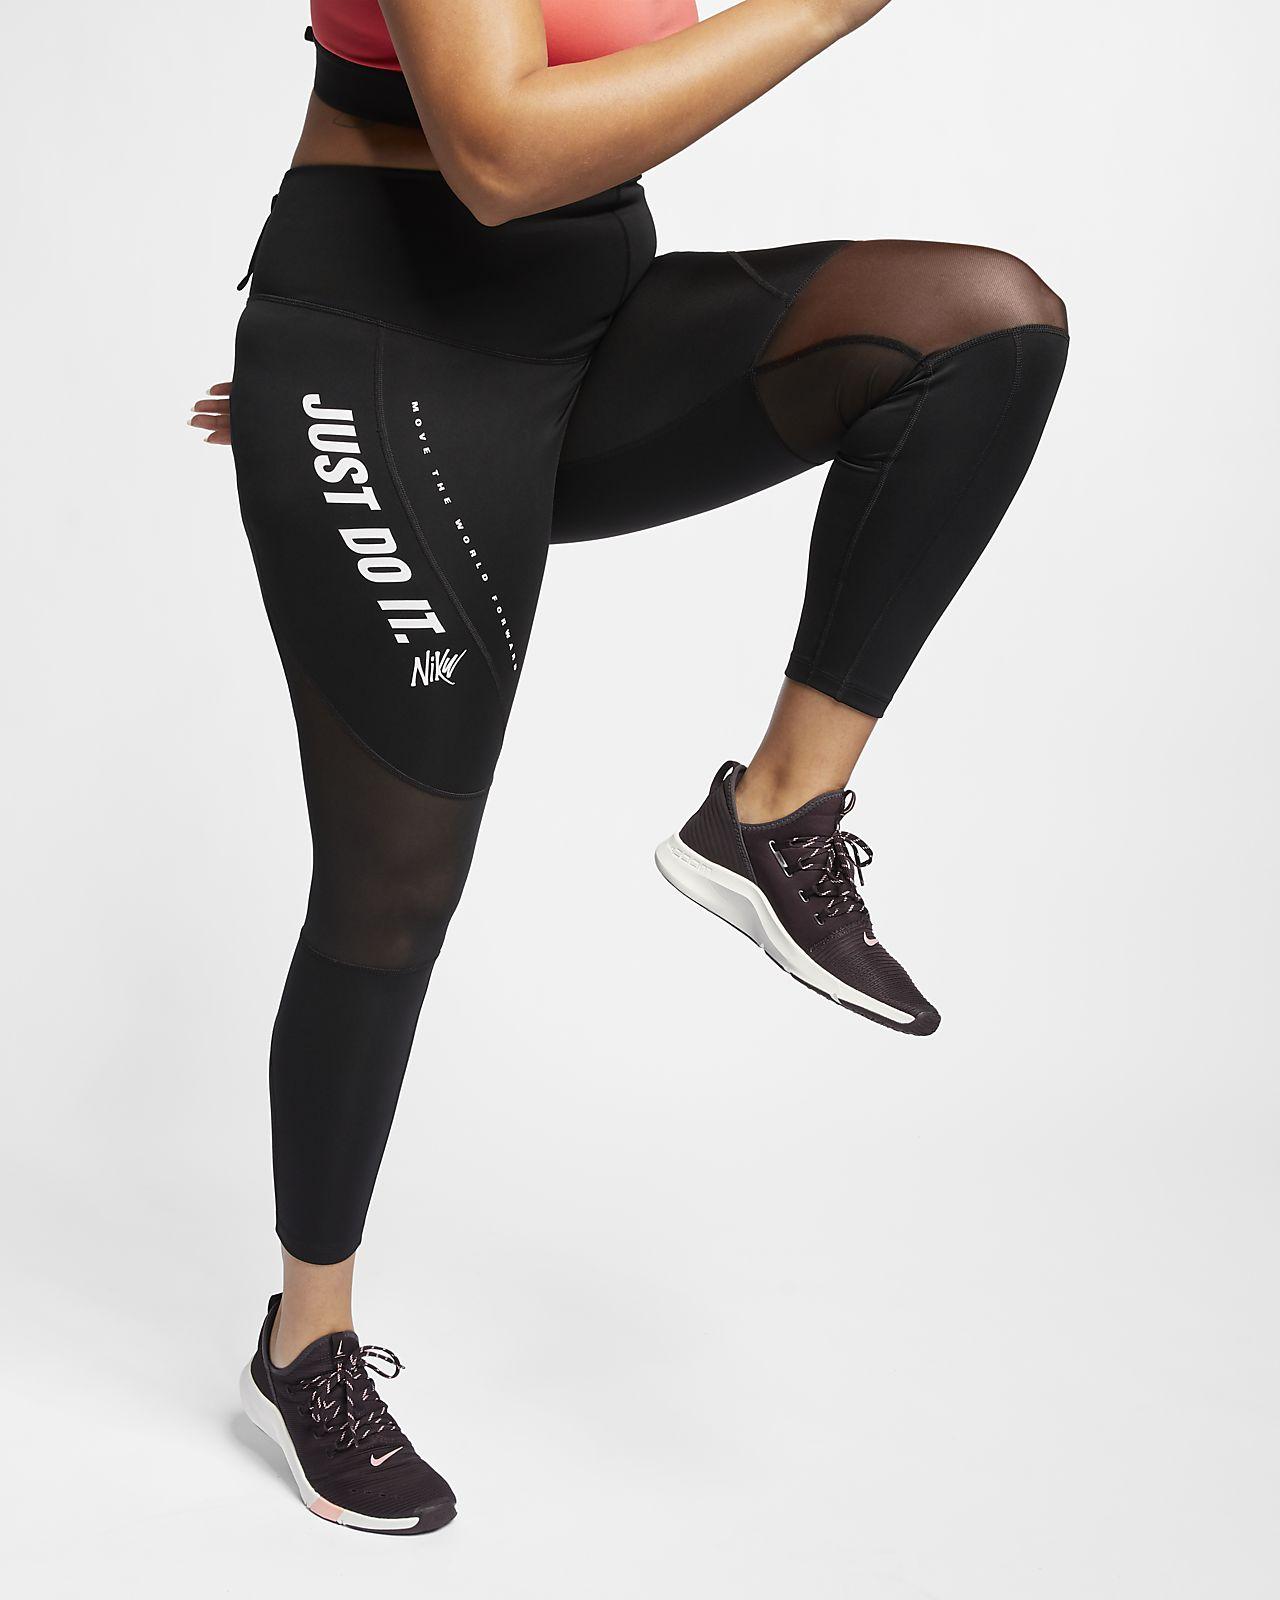 low priced 9fca5 c42fa ... Träningstights Nike Power för kvinnor (stora storlekar)